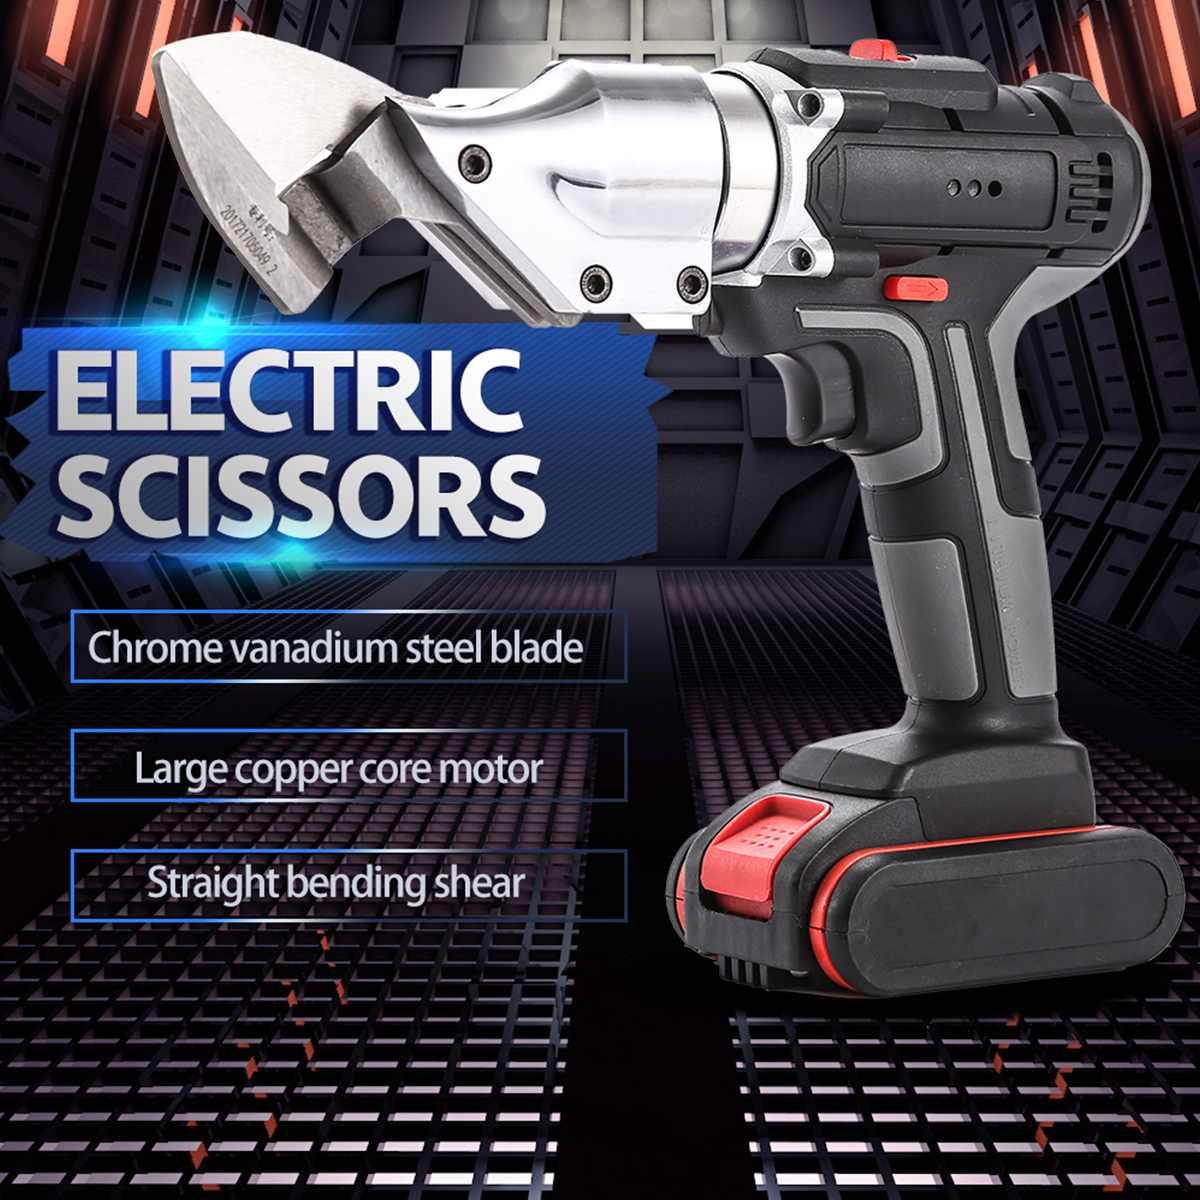 26v recarregável elétrica tesouras de poda tesouras jardim podador secateur ramo cortador ferramenta de corte com 2x bateria